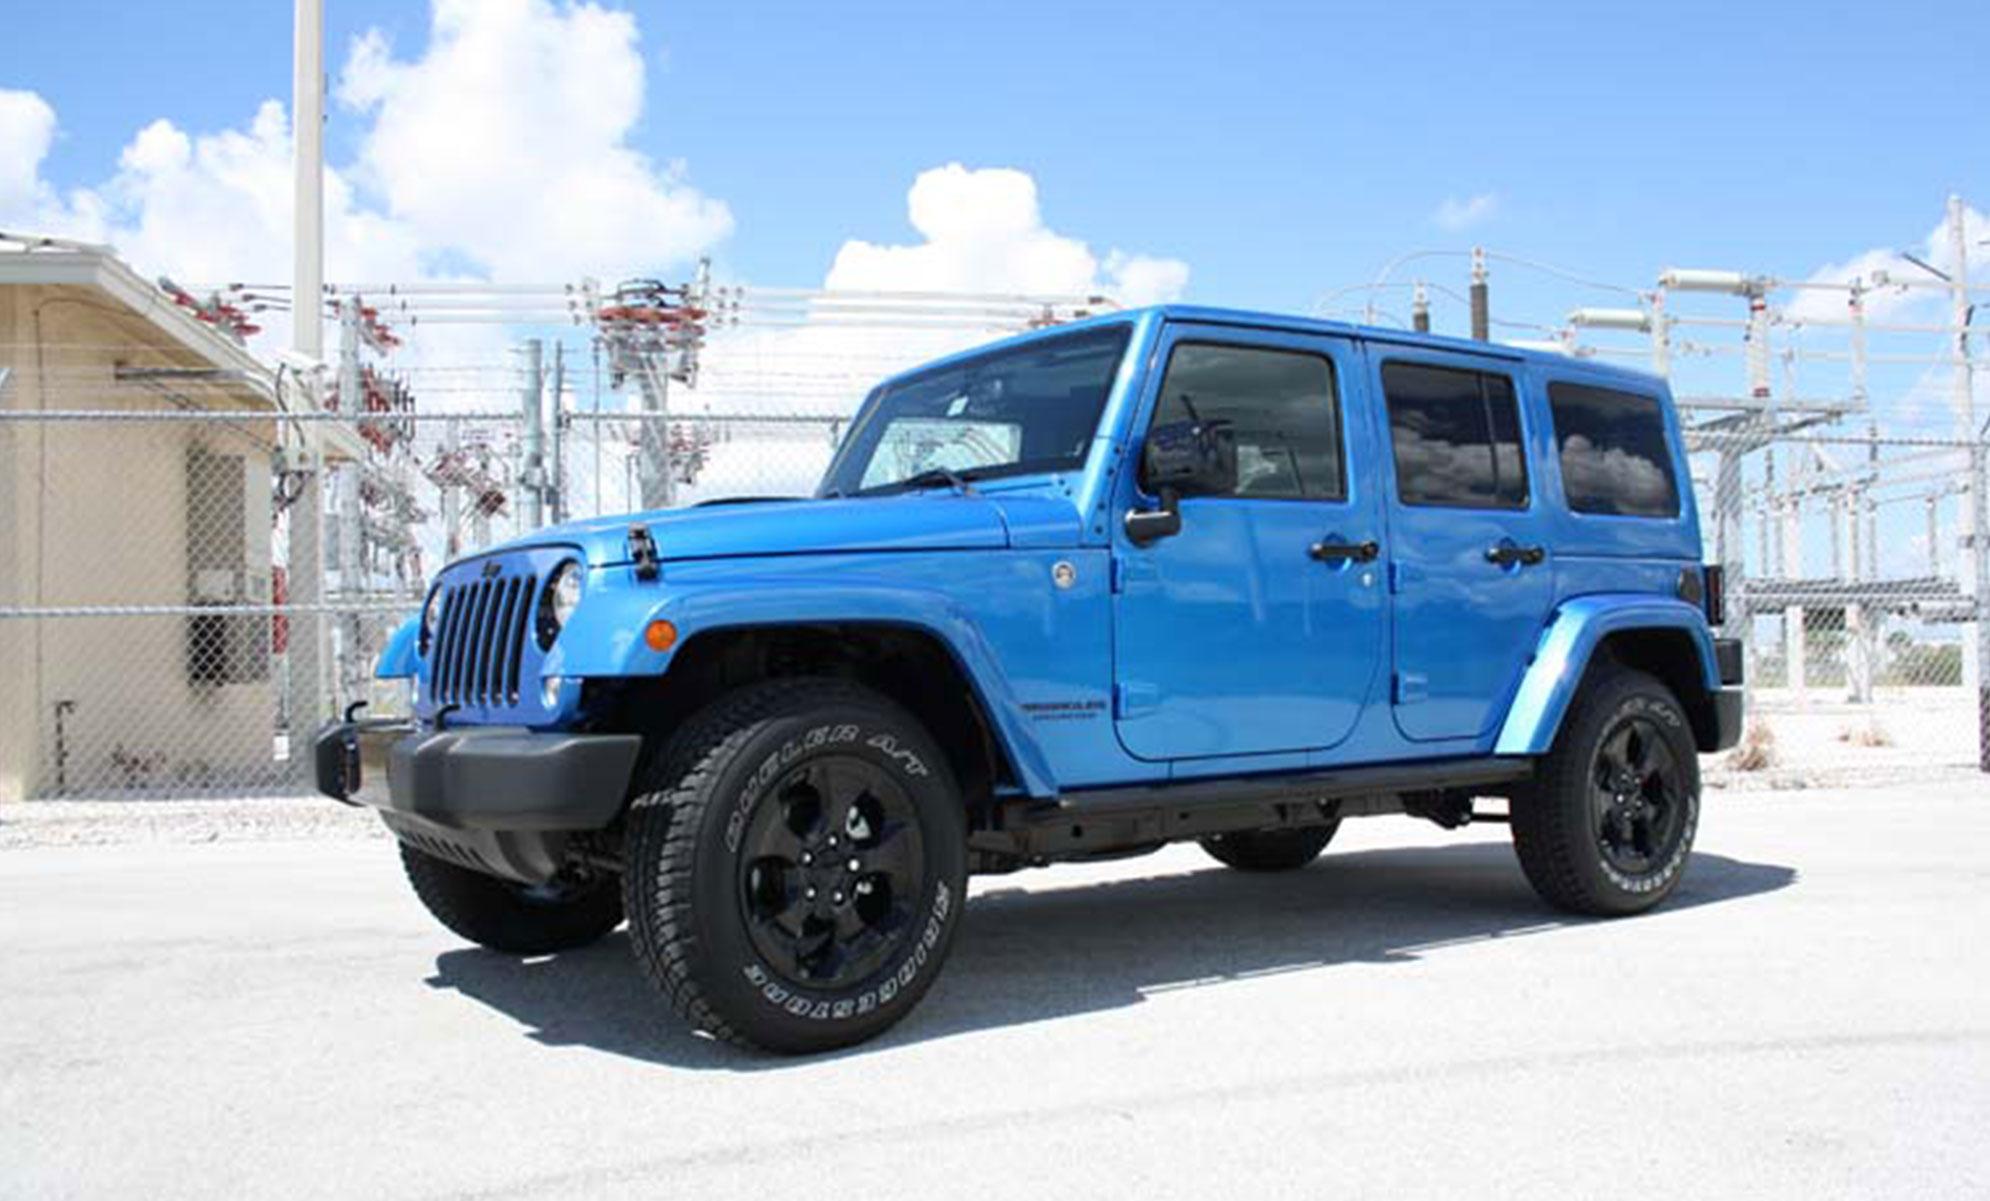 oahu hawaii a rubicon dsc honolulu wrangler rent jeep unlimited for in